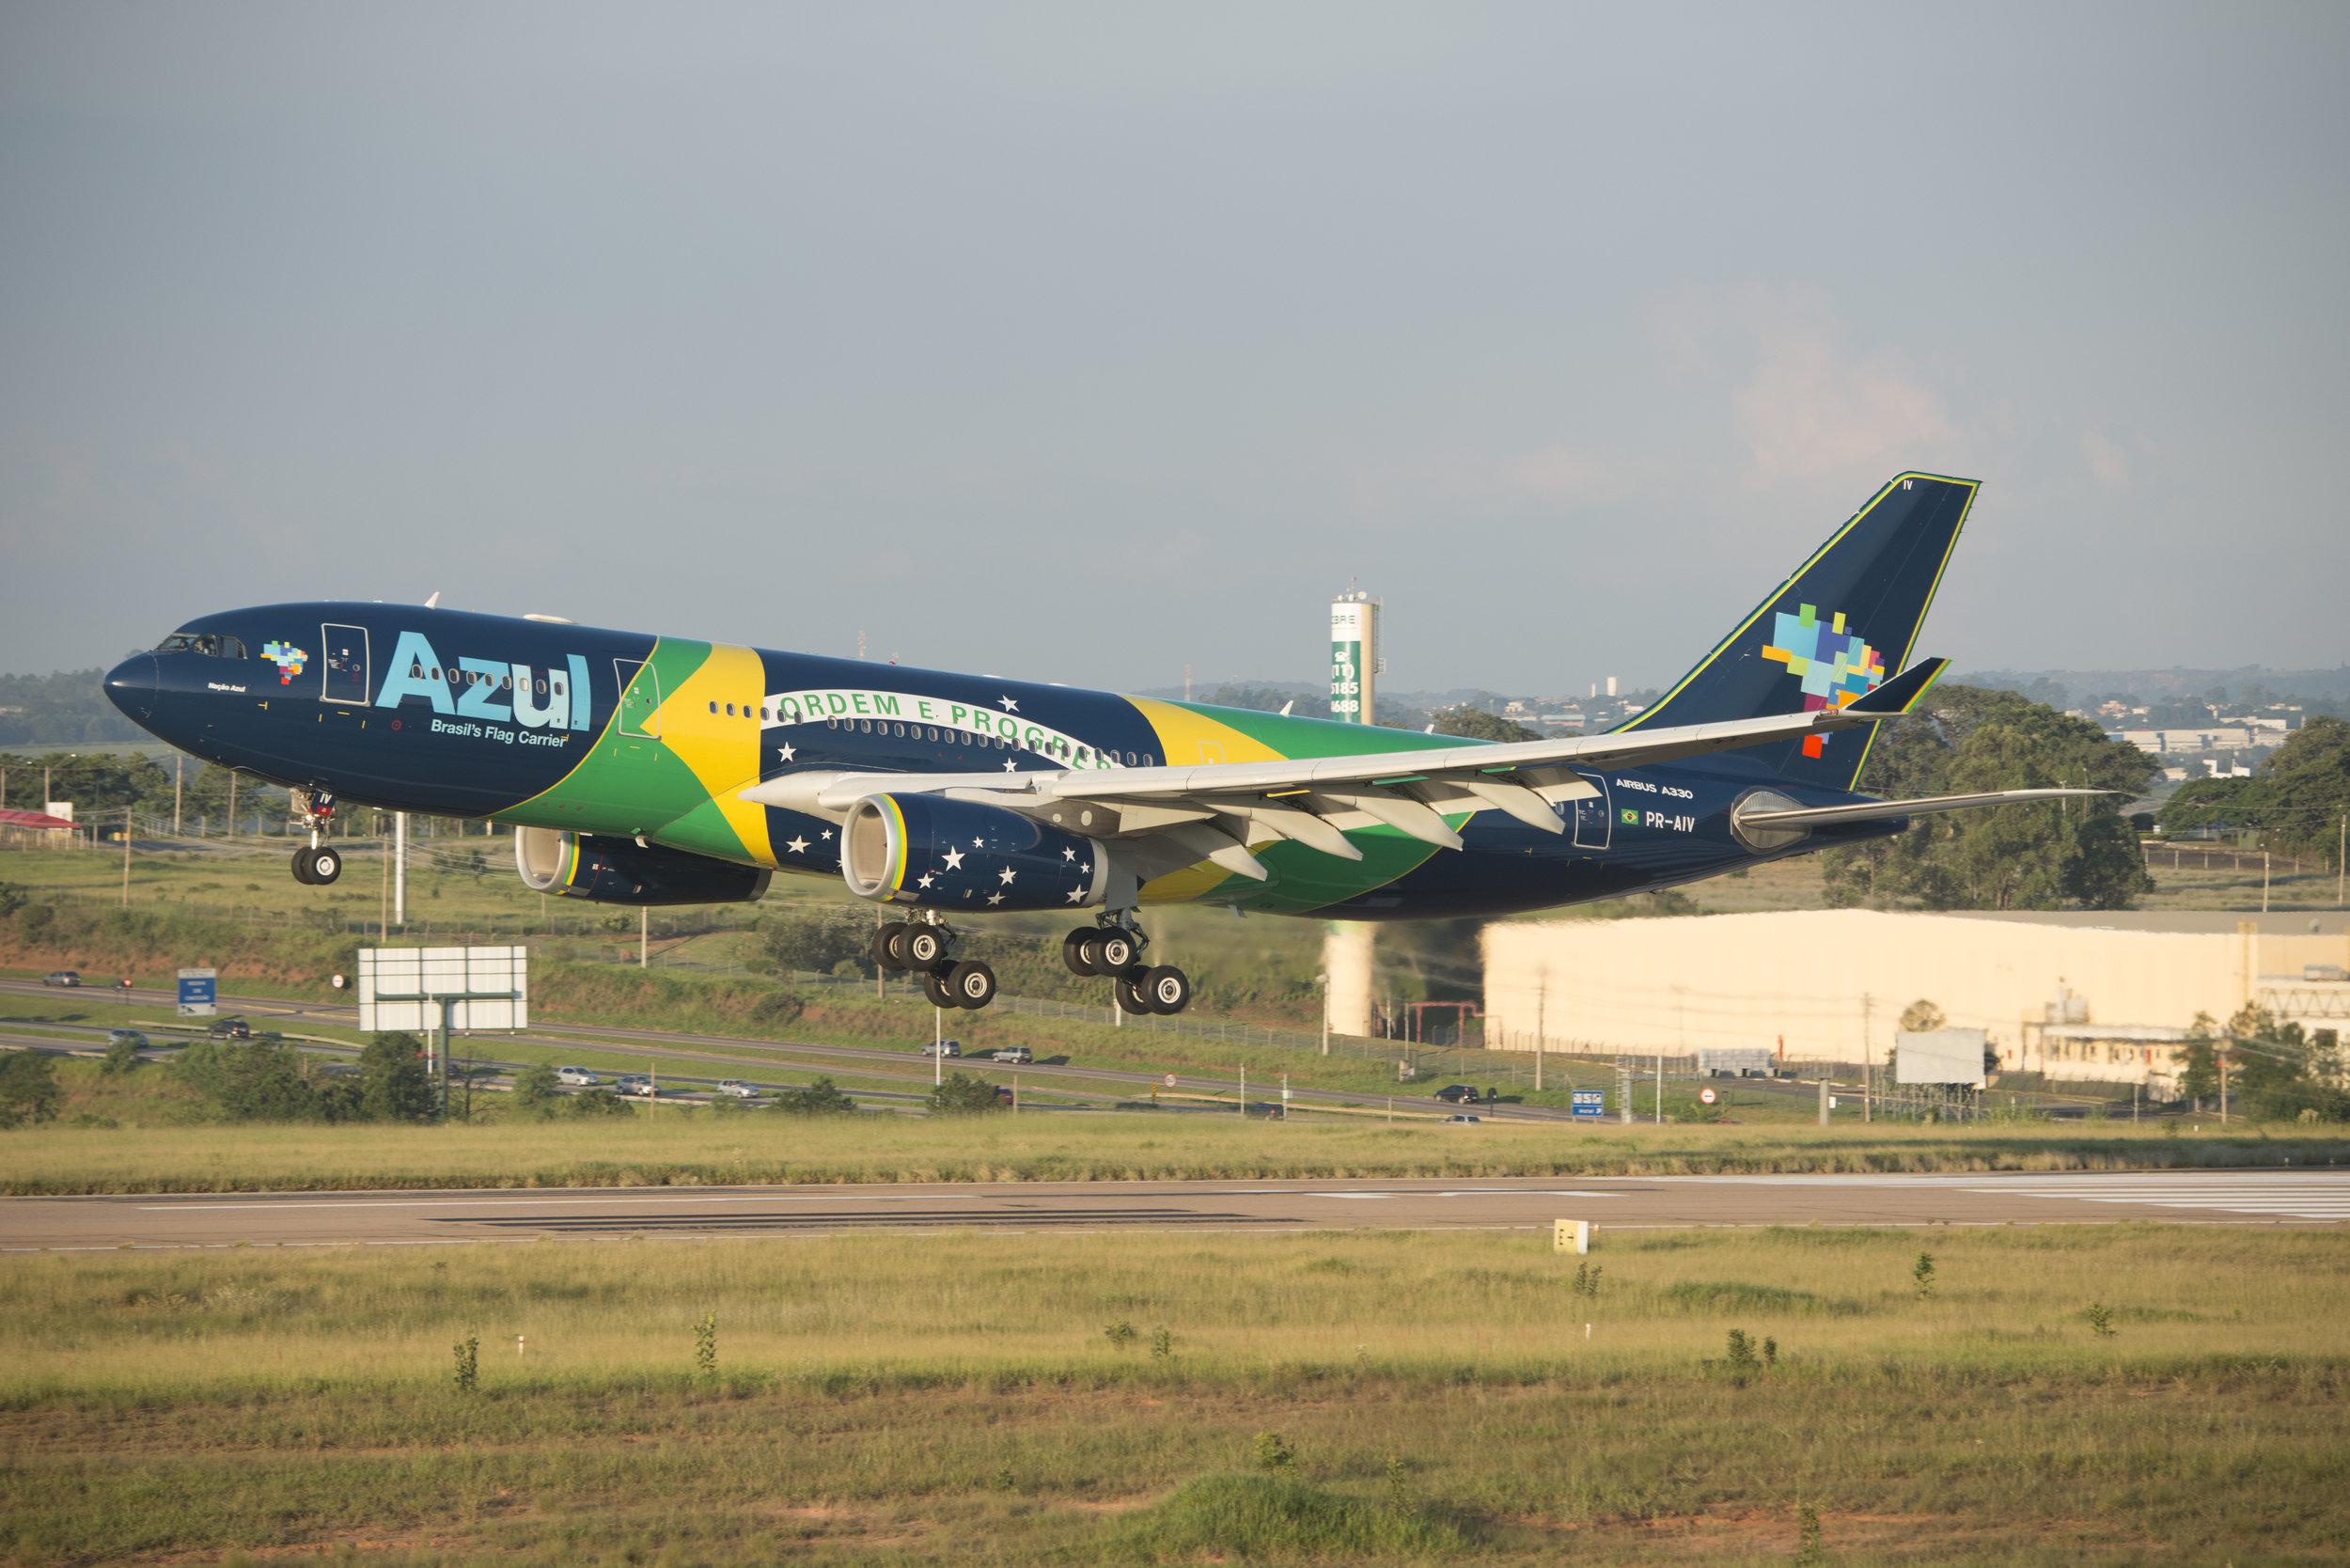 A330 azul brazil flag